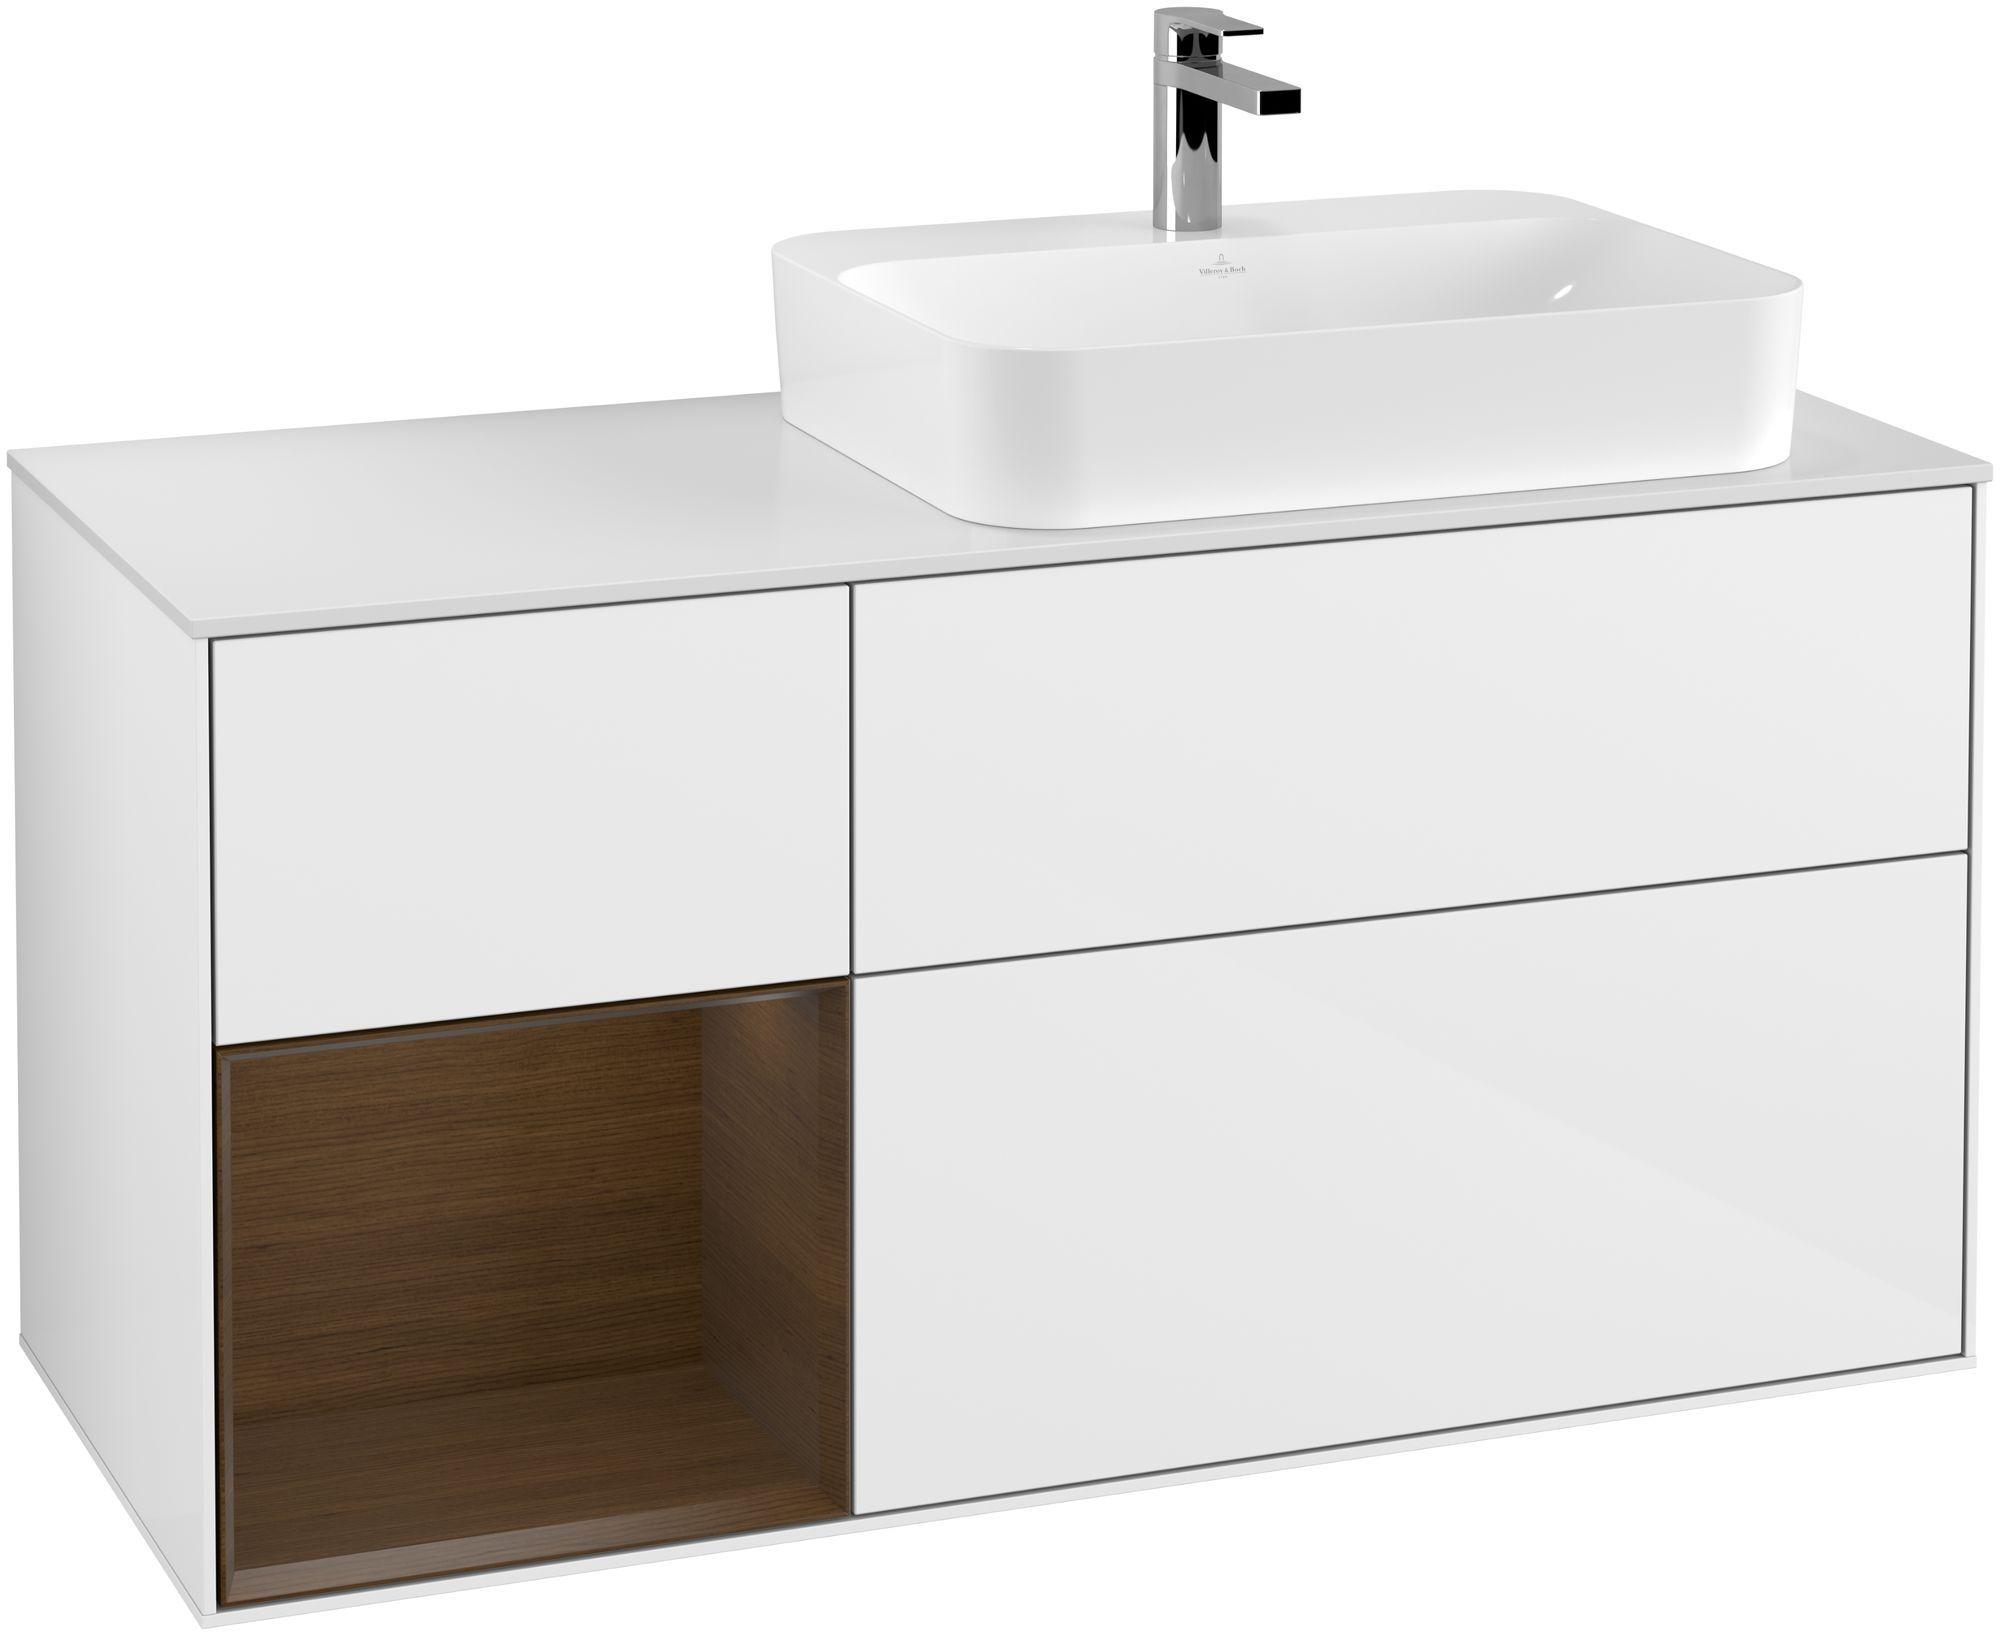 Villeroy & Boch Finion G39 Waschtischunterschrank mit Regalelement 3 Auszüge Waschtisch rechts LED-Beleuchtung B:120xH:60,3xT:50,1cm Front, Korpus: Glossy White Lack, Regal: Walnut Veneer, Glasplatte: White Matt G391GNGF